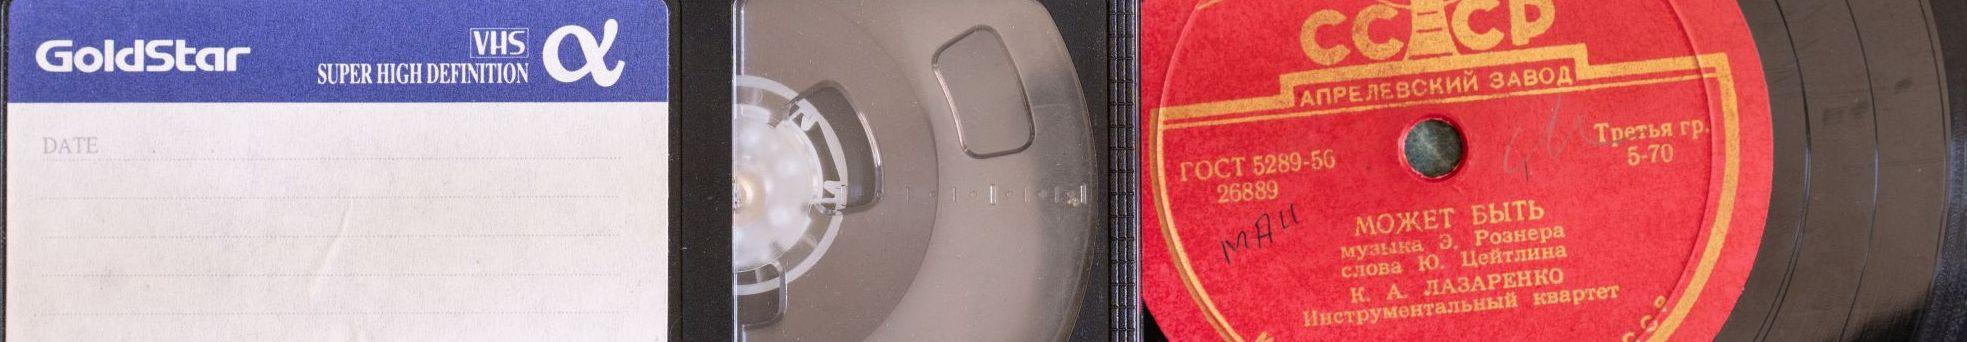 Древности: невероятная видеокассета - 1